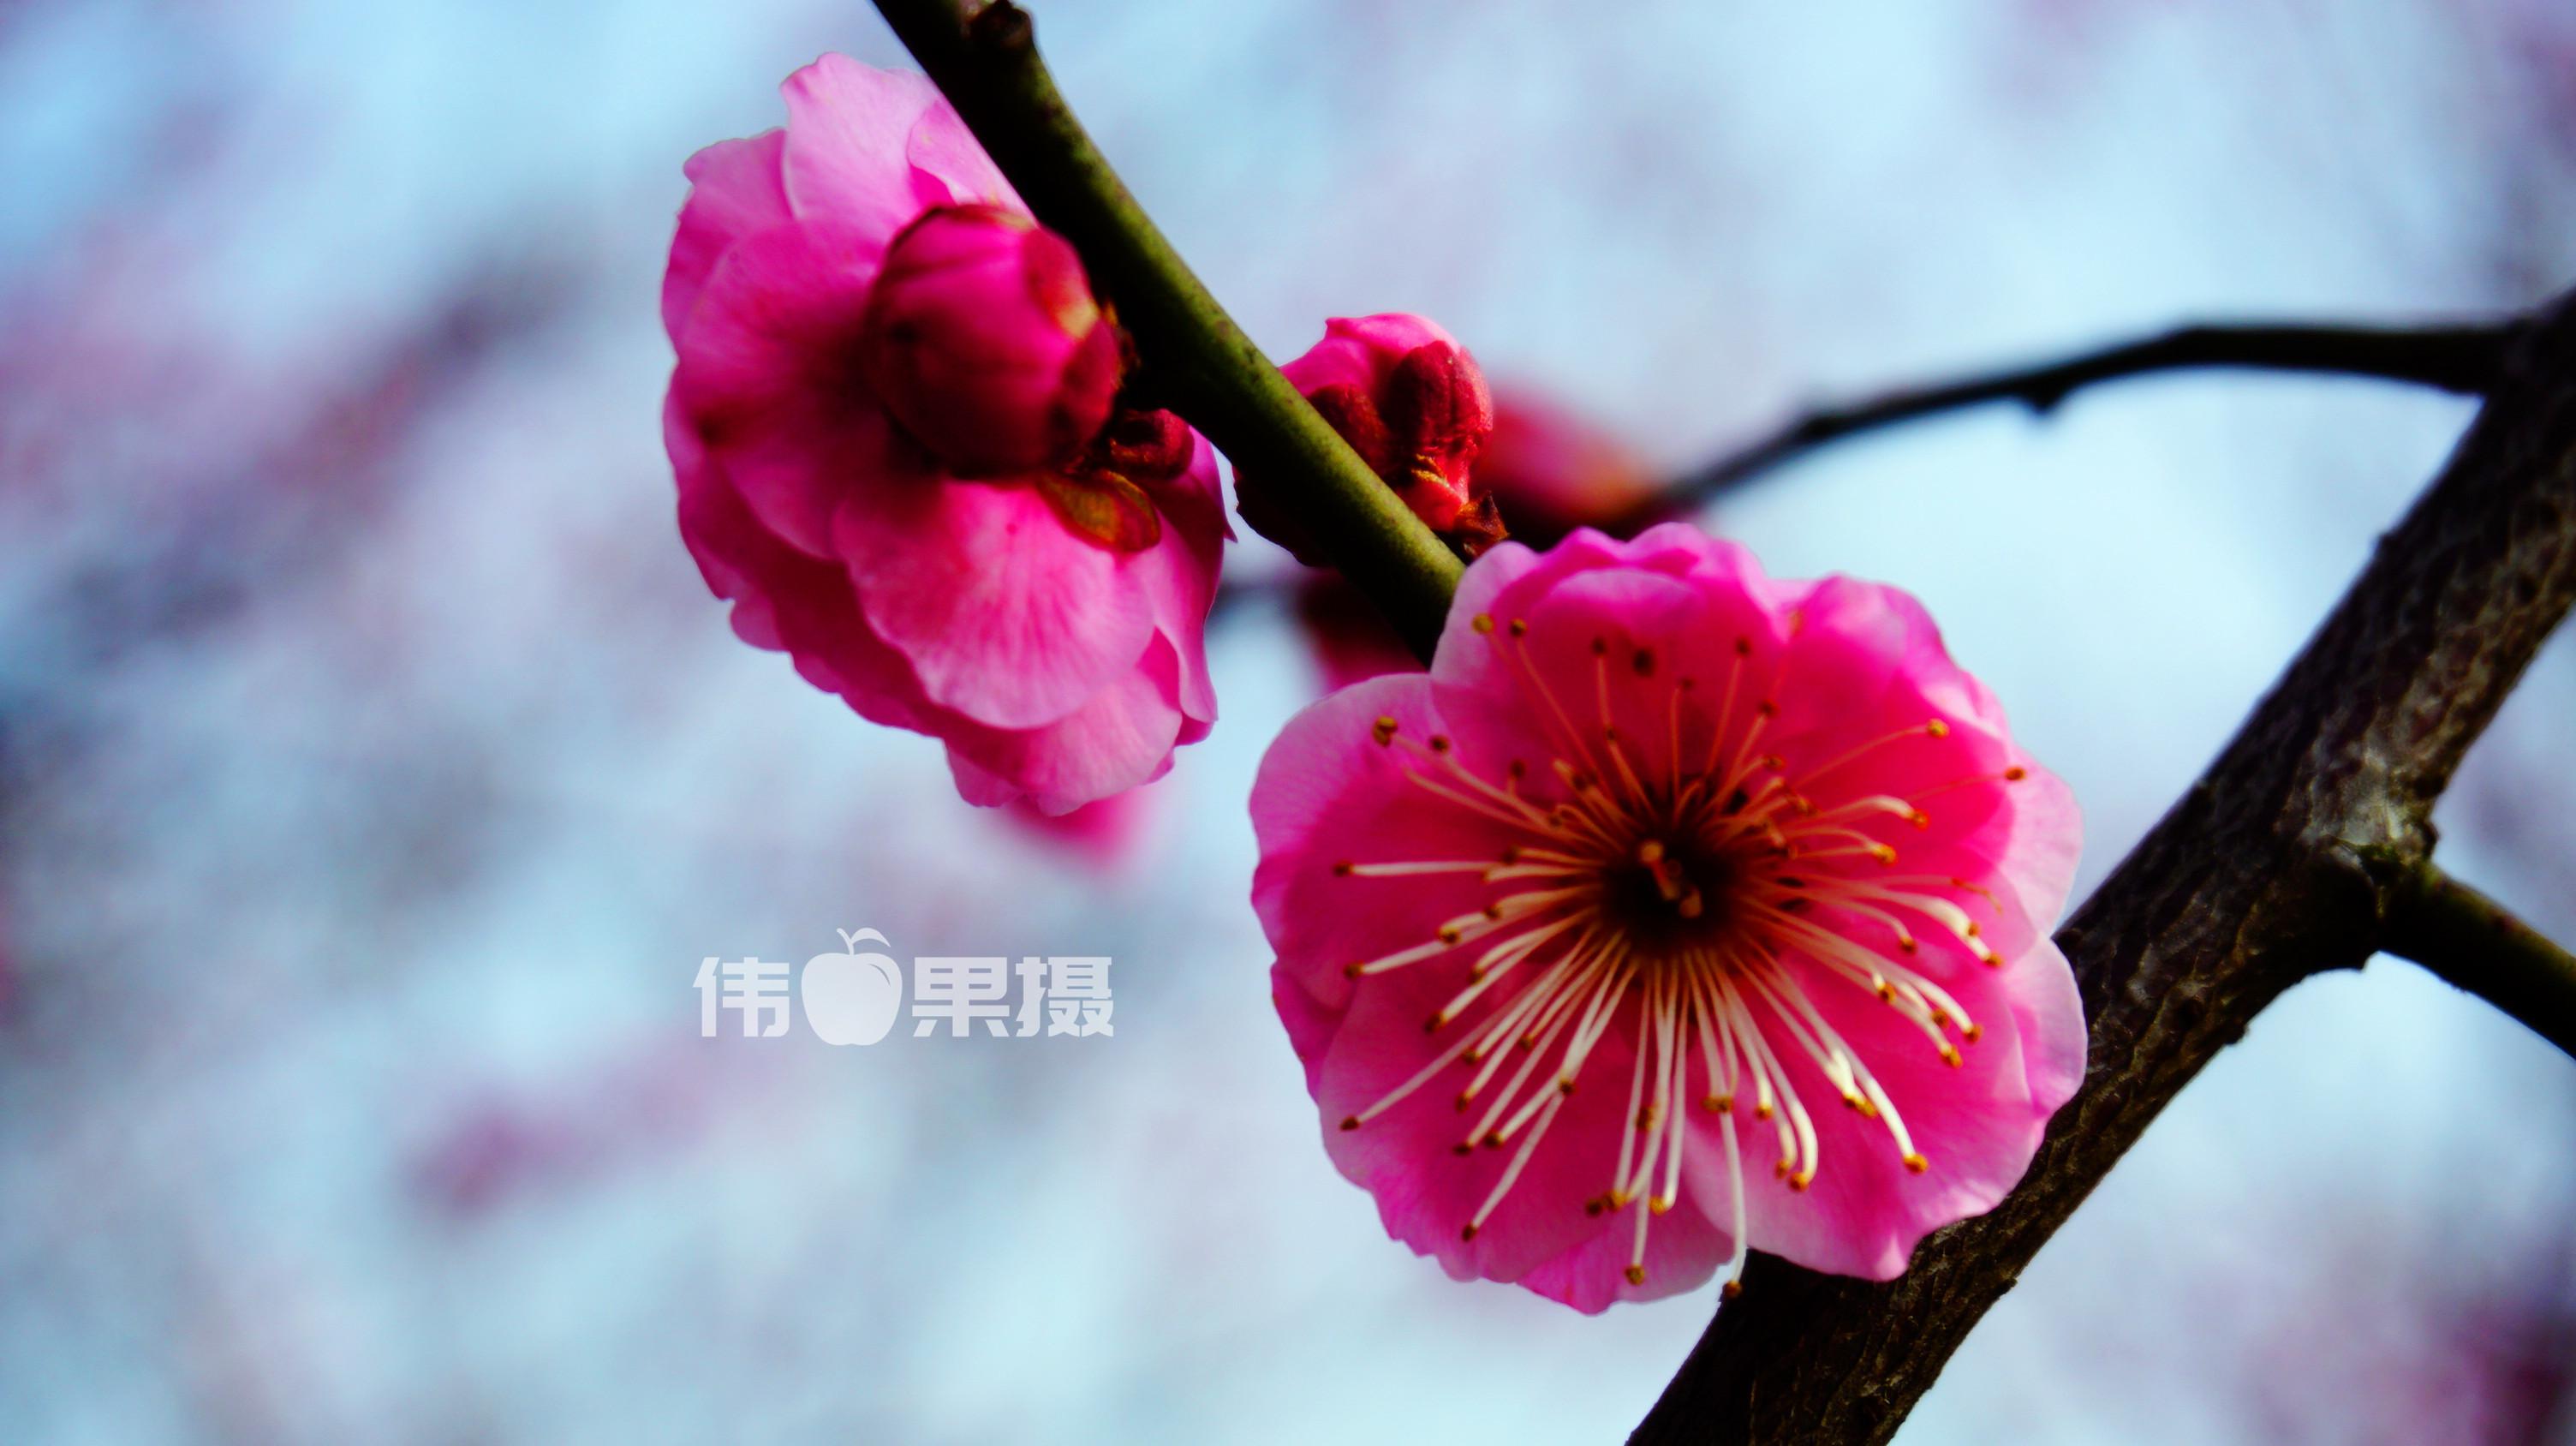 梅花图片 (9)_副本.jpg